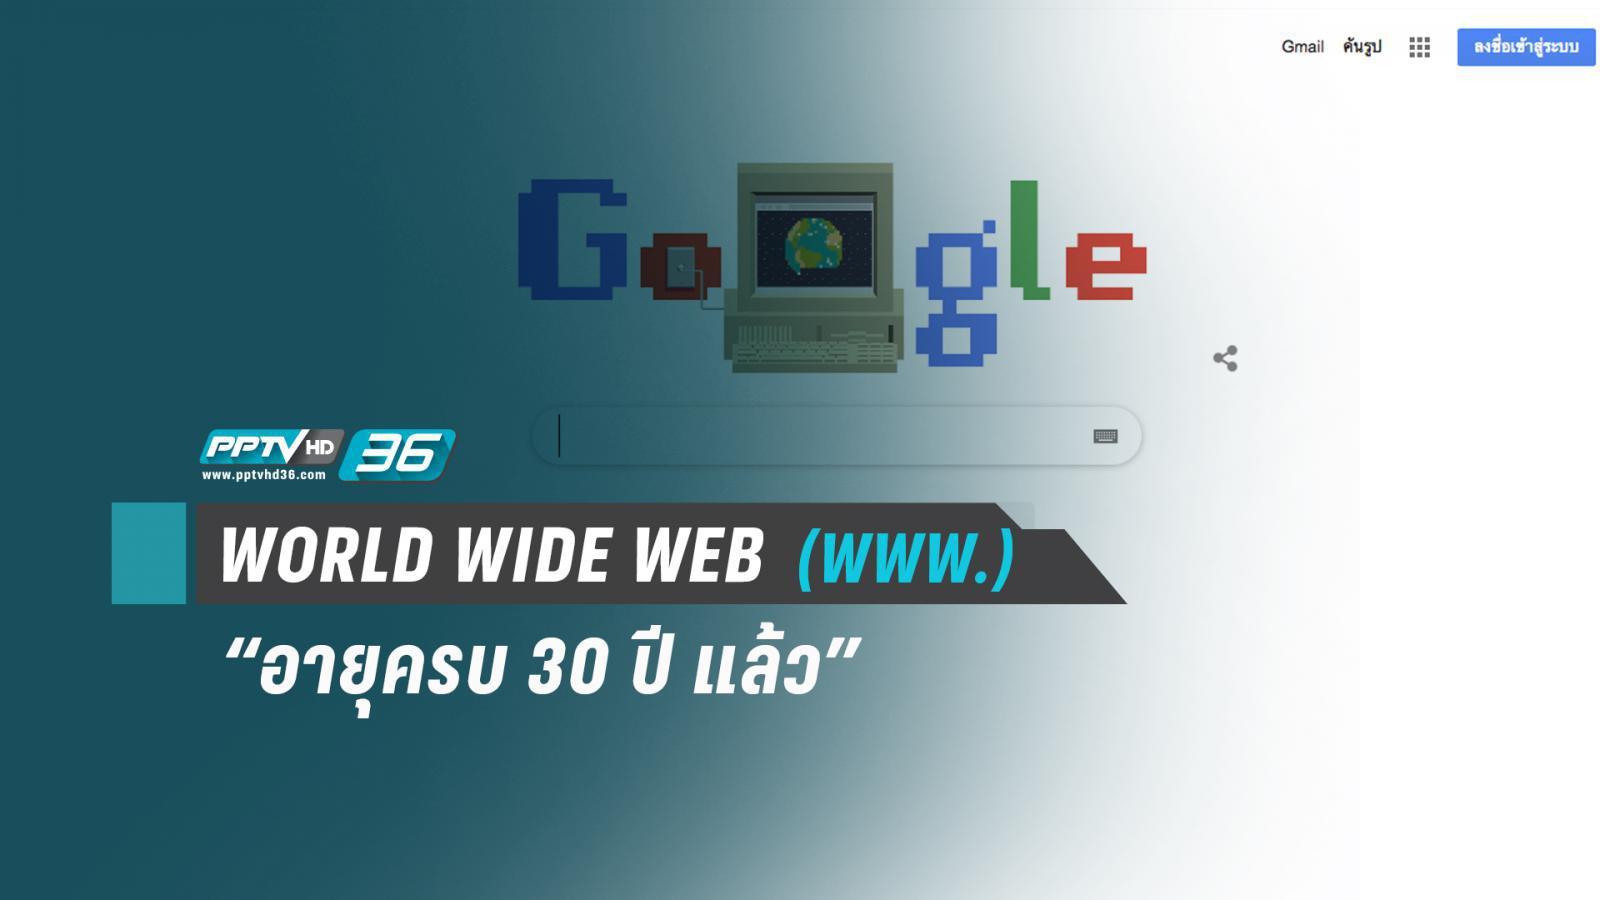 เวิลด์ไวด์เว็บ ครบรอบ 30 ปีเครือข่ายใยแมงมุม (WORLD WIDE WEB)